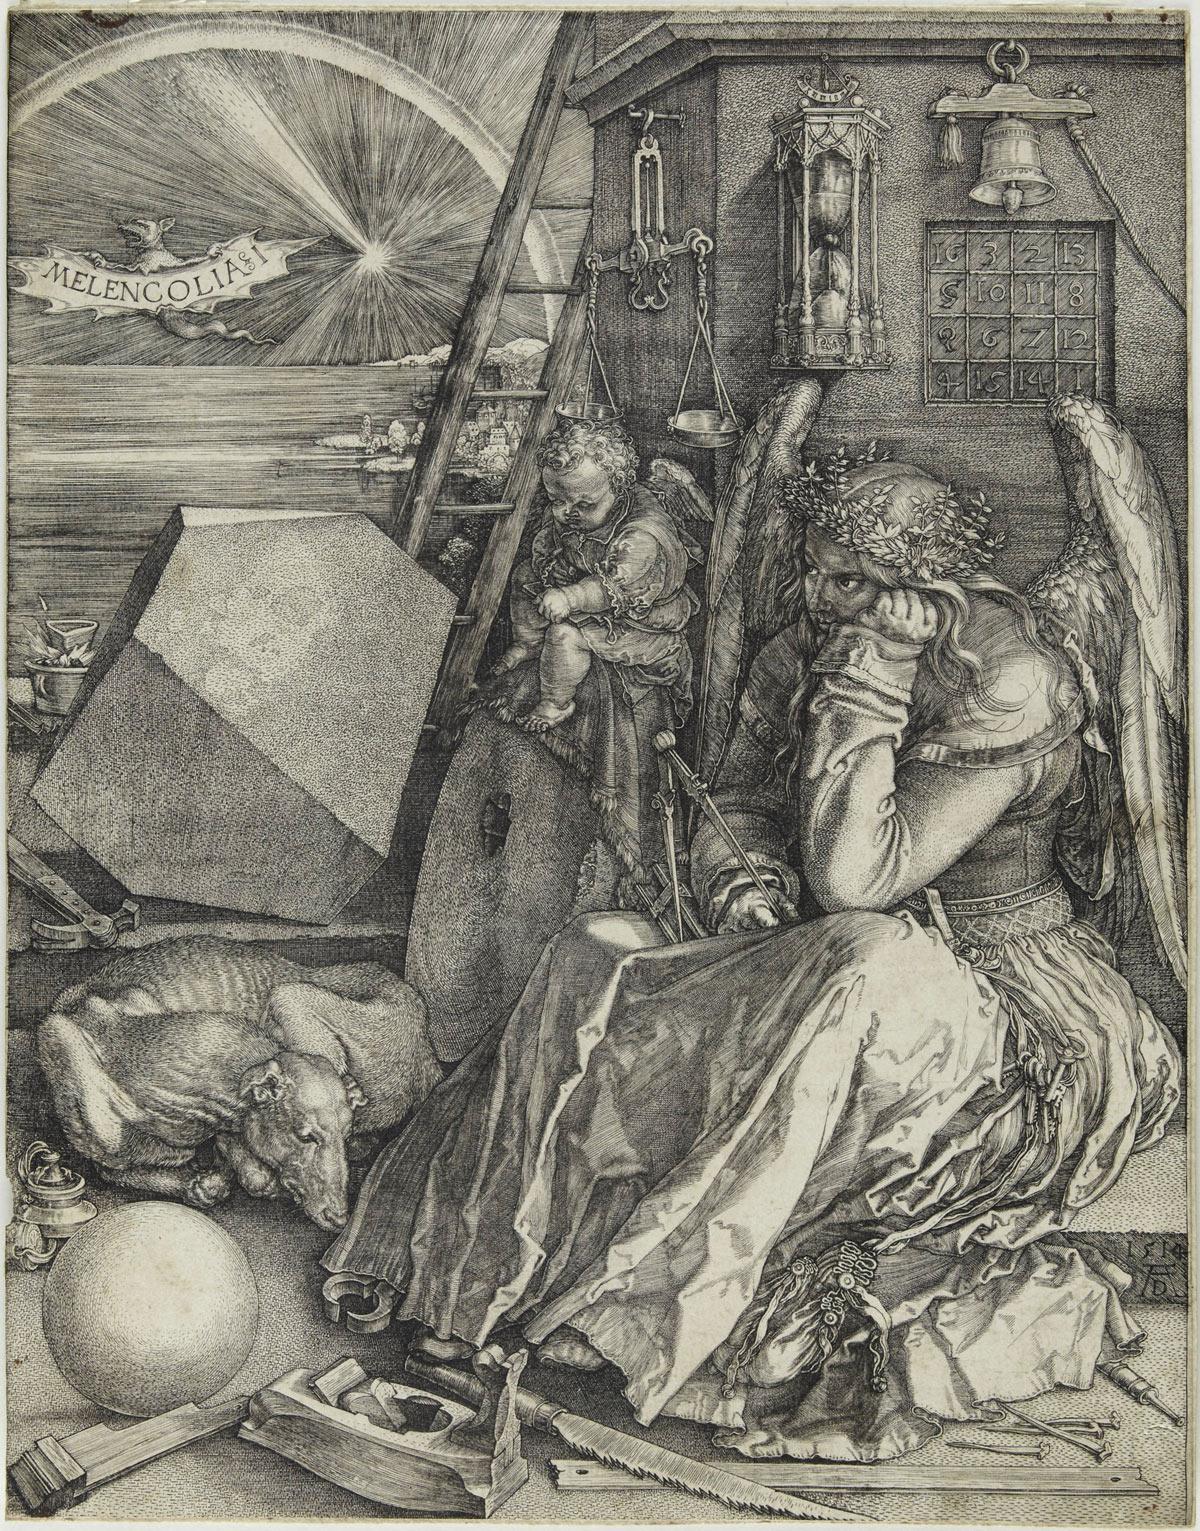 Albrecht Dürer, Melencolia I (Melanconia) (1514; bulino, 240 x 186 mm, esemplare privo di margini; esemplare di II stato su due, con caratteristiche simili alla variante D secondo Meder; iscrizioni: data e monogramma AD in basso a destra)